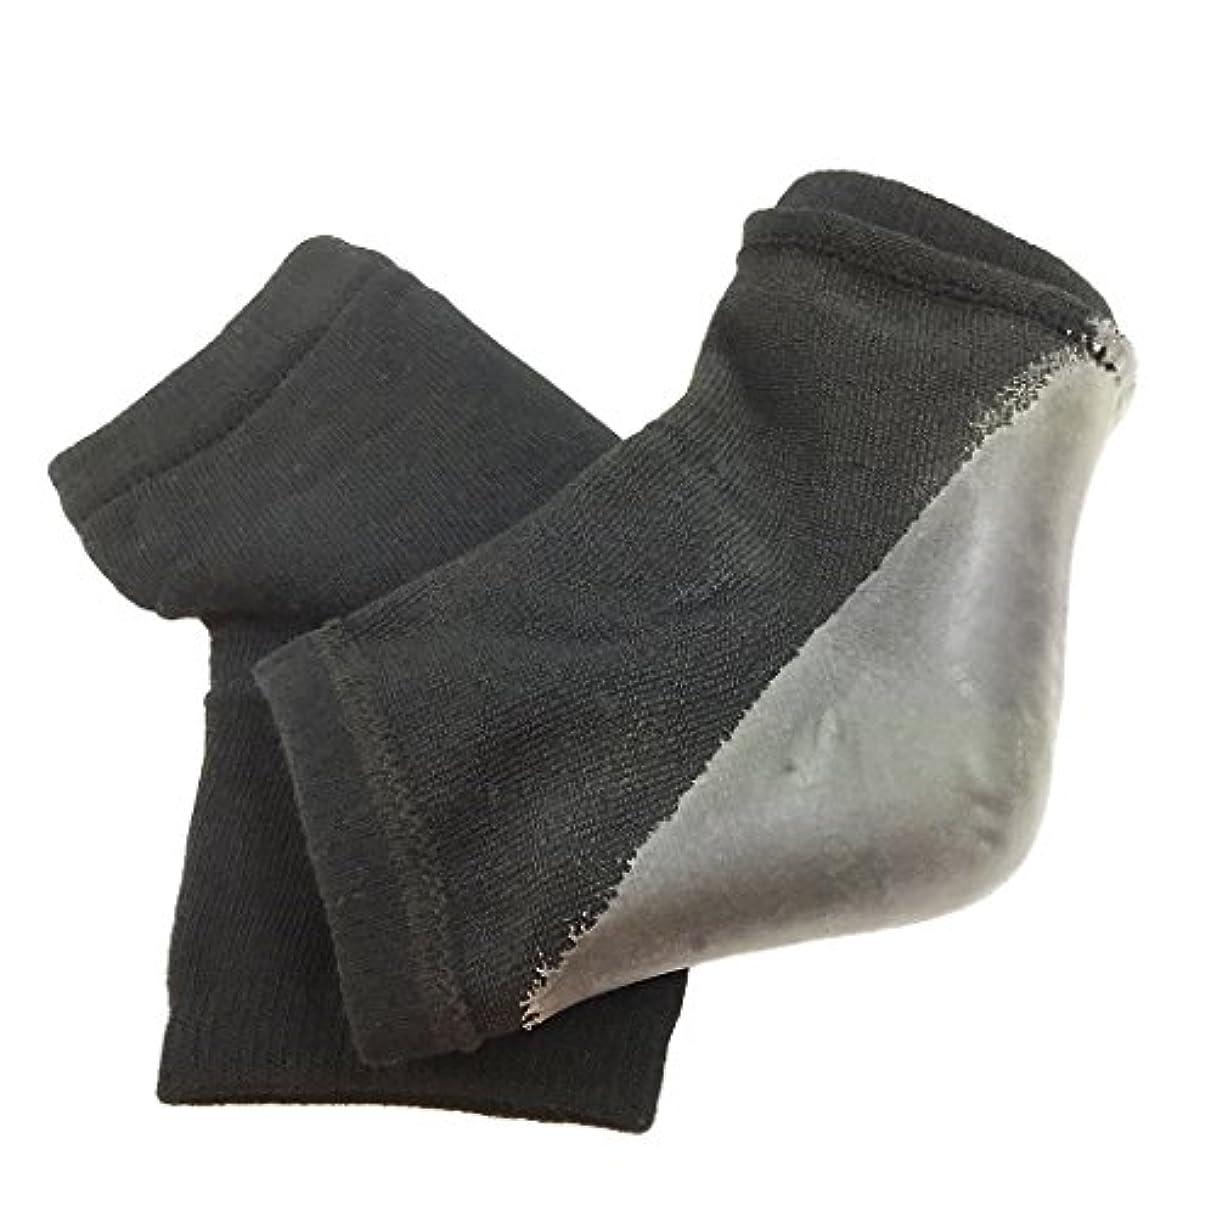 fla-coco かかとケアソックス 【同色2足入り】 靴下 フットケア 角質ケア ひび割れ ガサガサ 保湿 ソックス (ブラック【2足】)